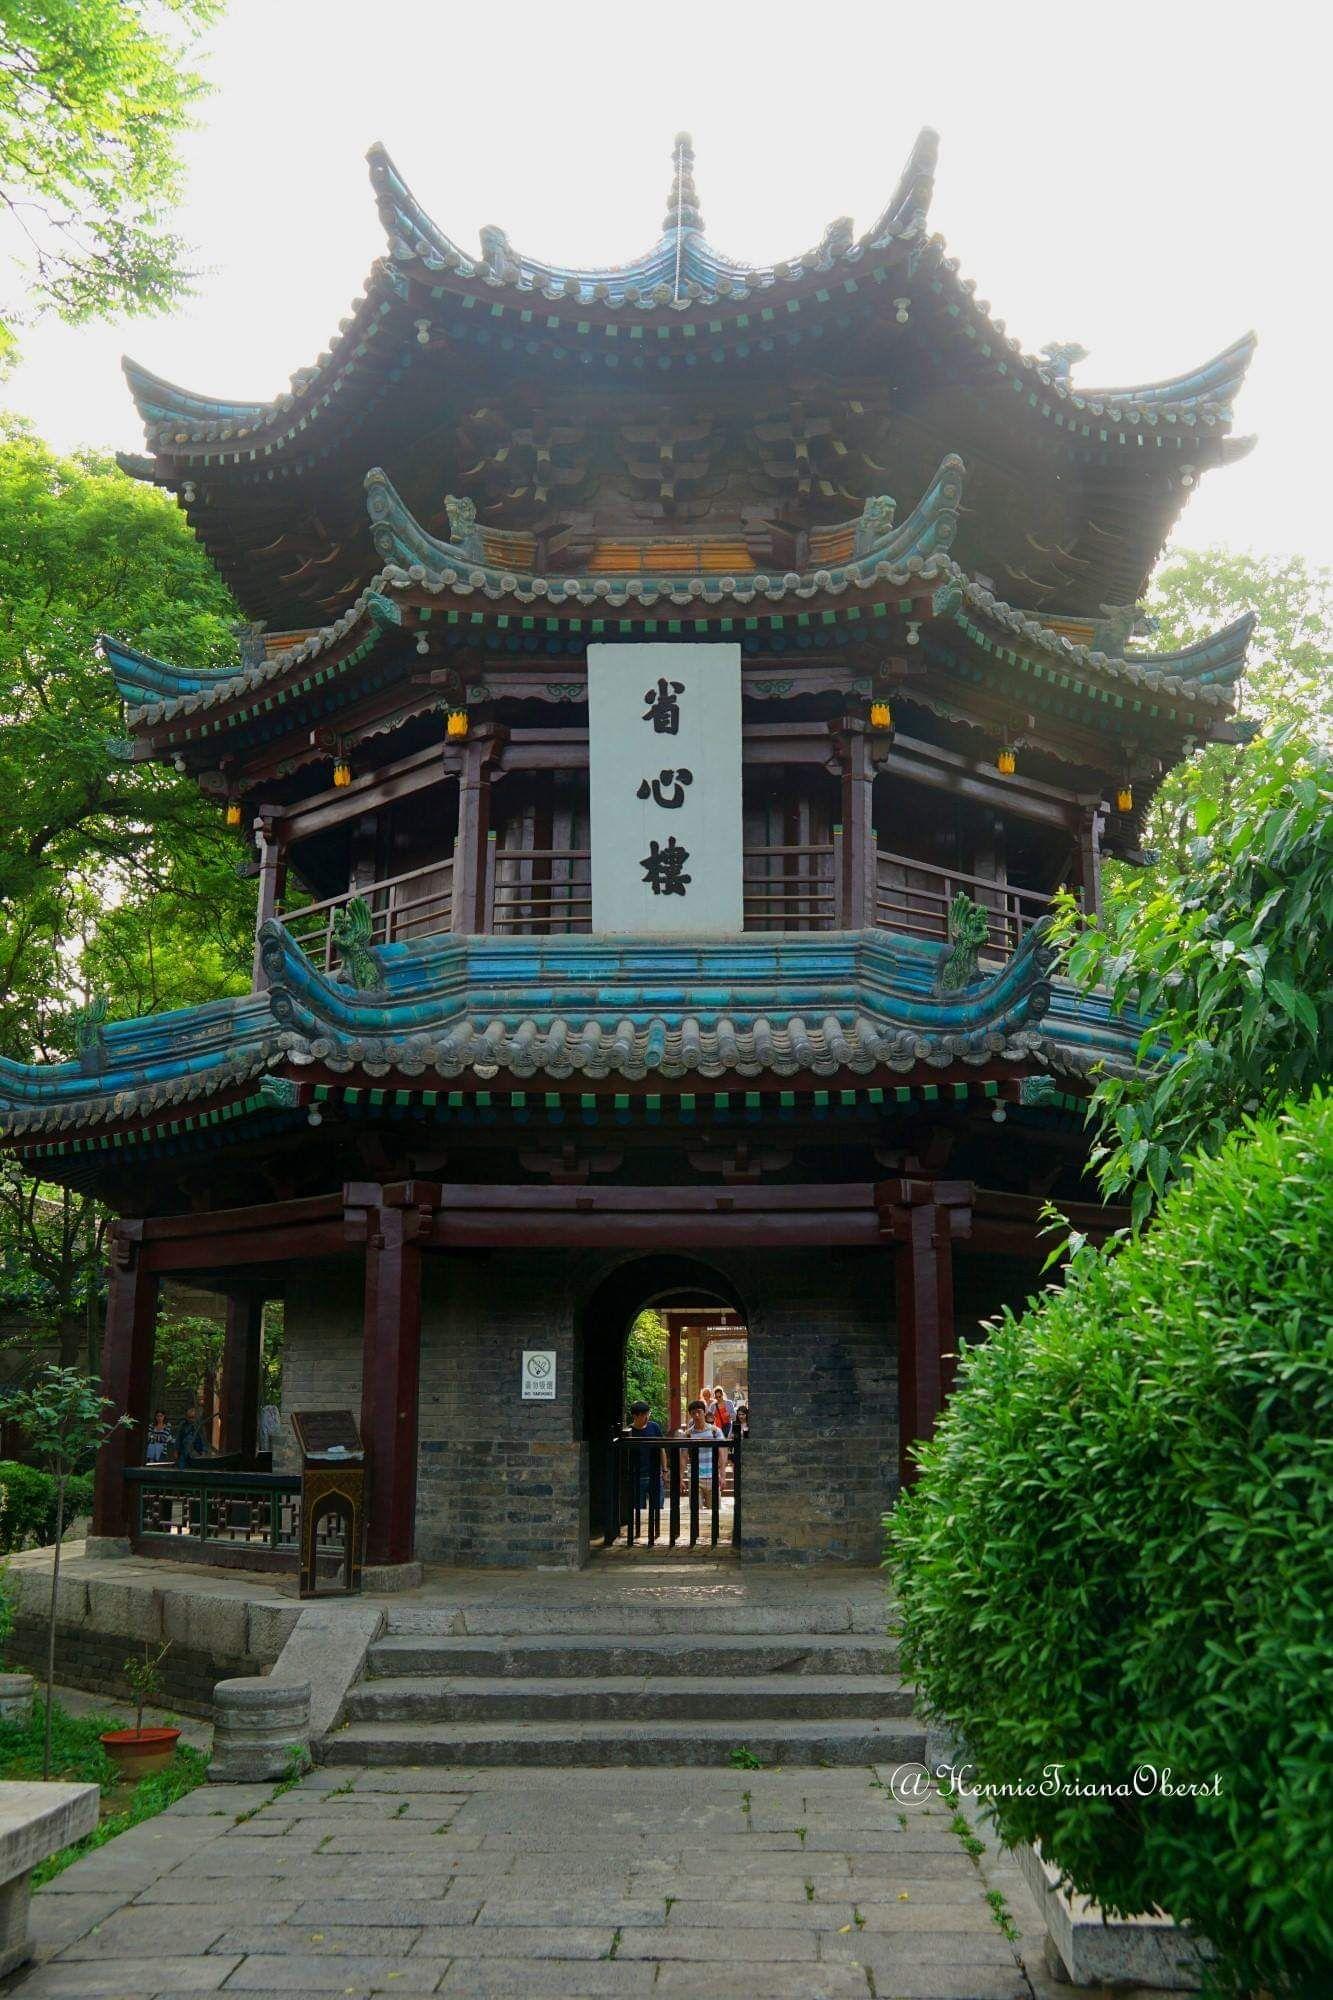 Arsitektur Unik Masjid Agung Xian, Cina